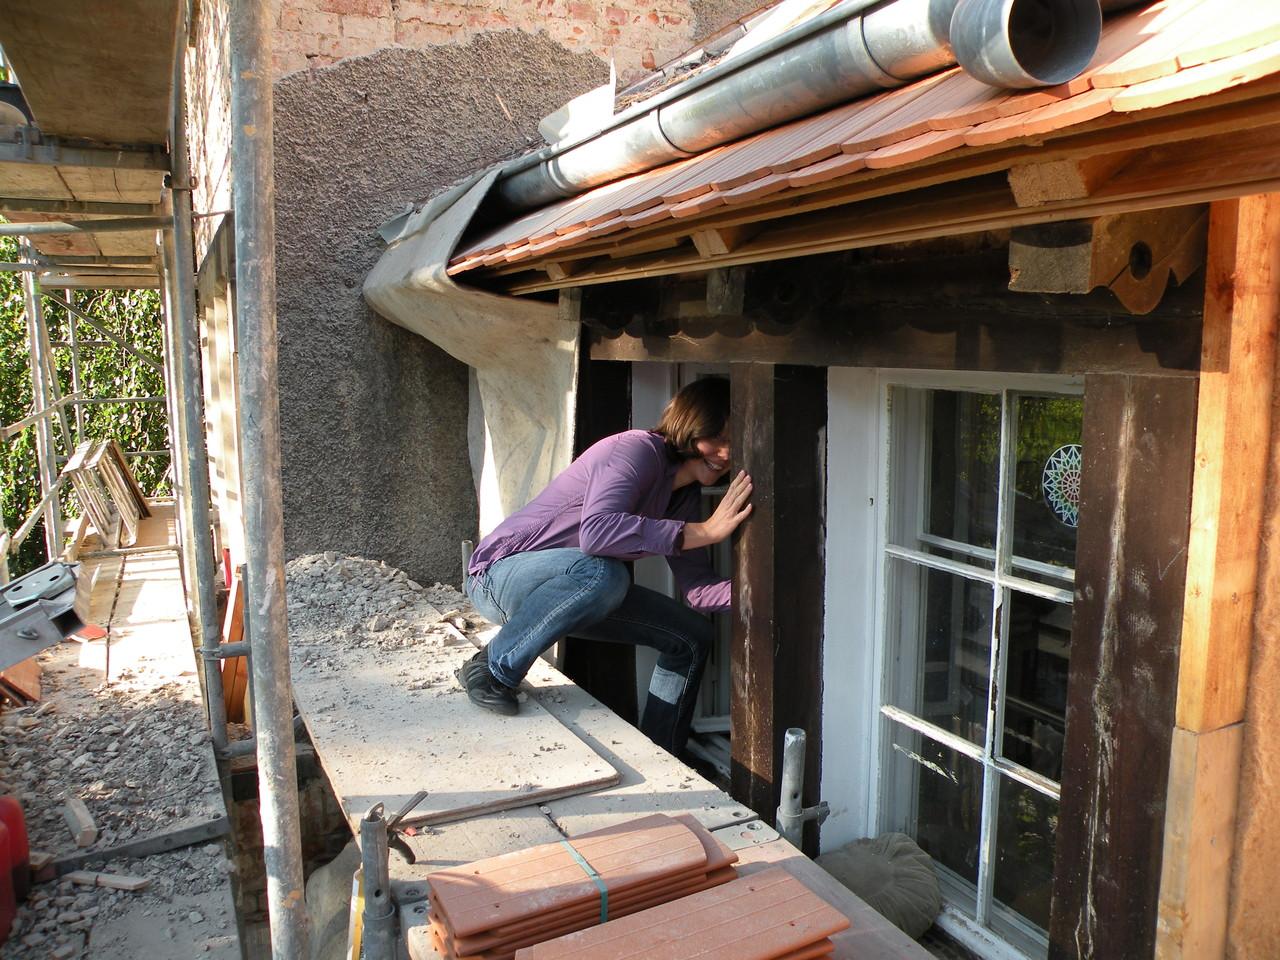 Der schnellste Weg aufs Dach...